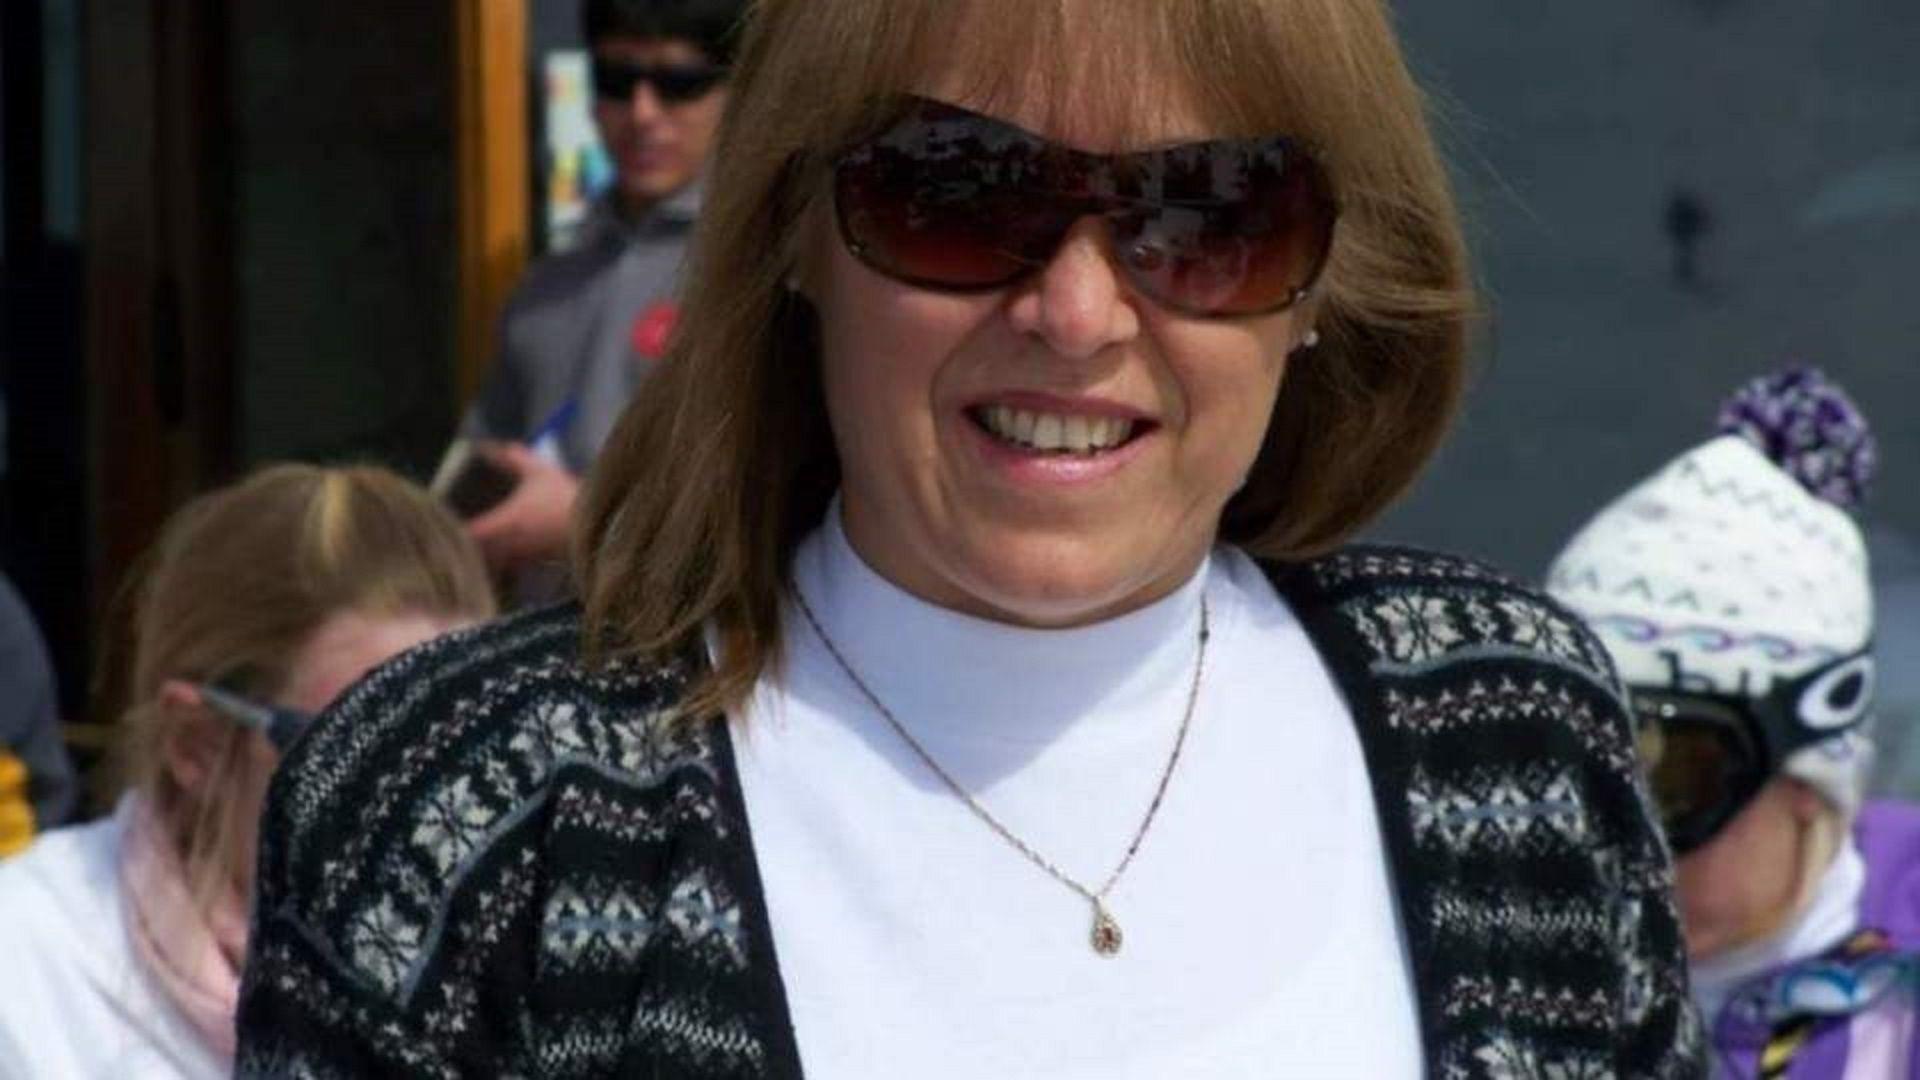 Asesinaron con más de 30 puñaladas a la ex esposa de un dirigente radical en Mendoza